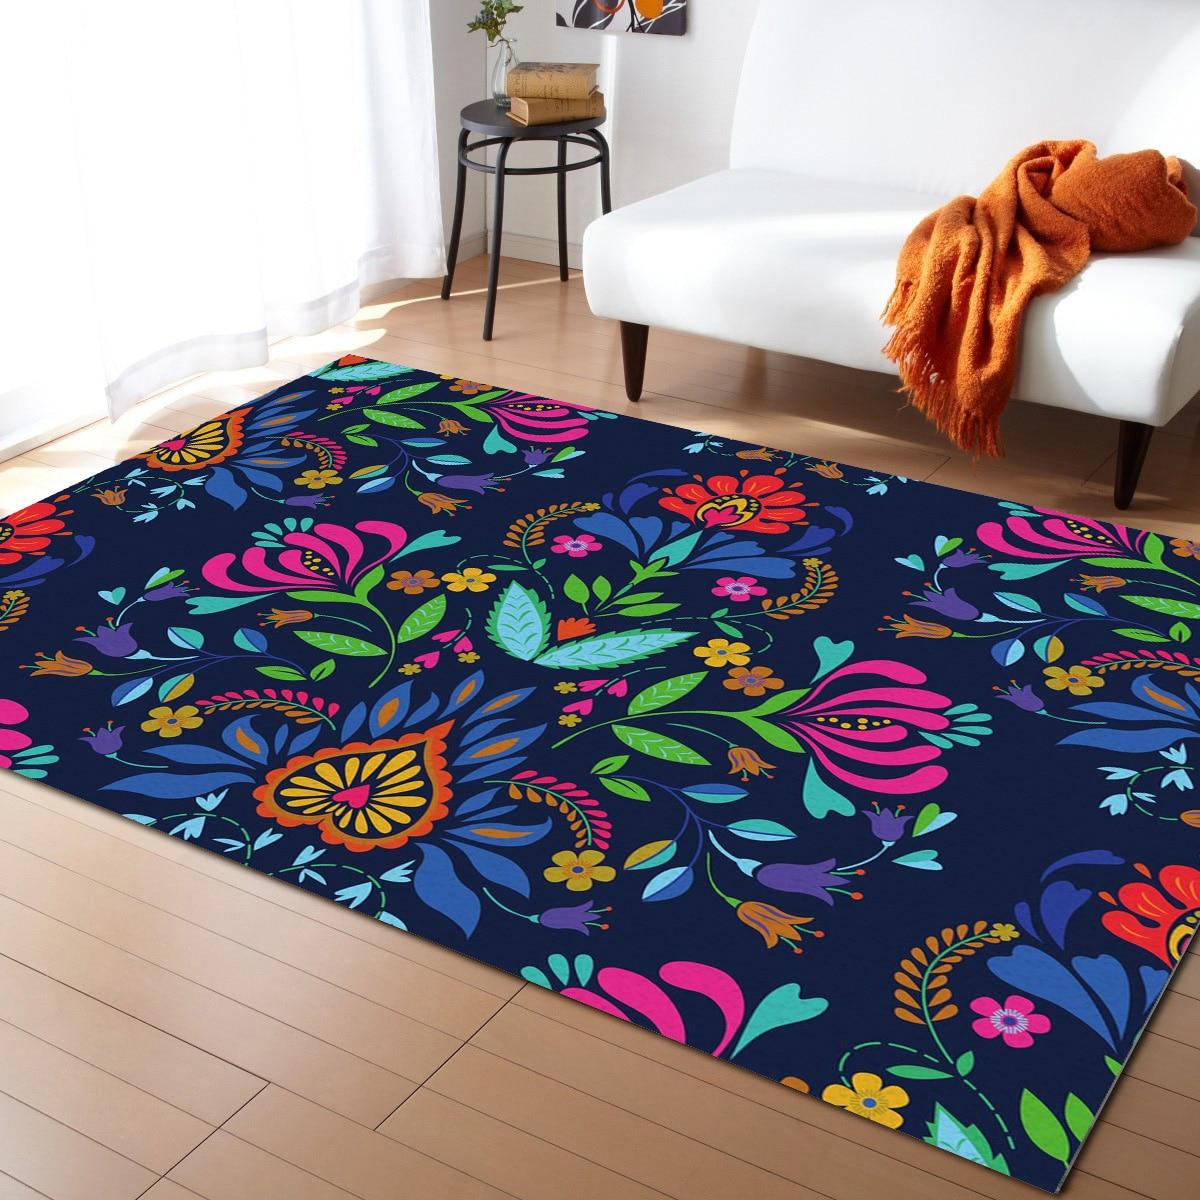 Красочные цветы, ковры в европейском стиле для спальни, коврики и ковровые покрытия для дома, гостиной, домашний прикроватный коврик